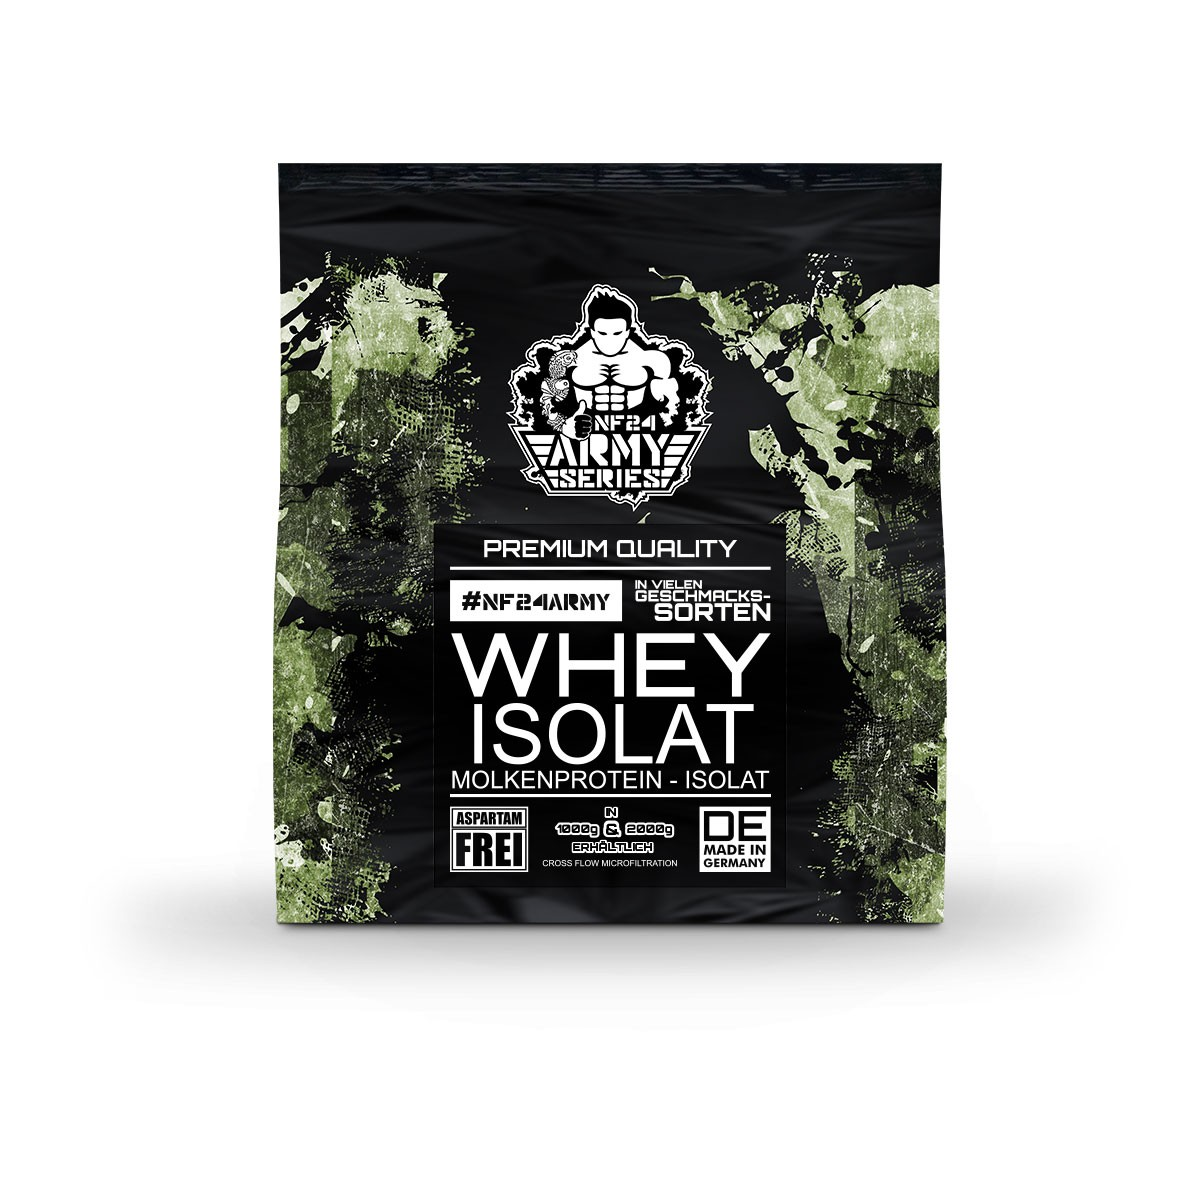 welches-ist-das-beste-whey-protein-auf-dem-markt58ce8d871c05c